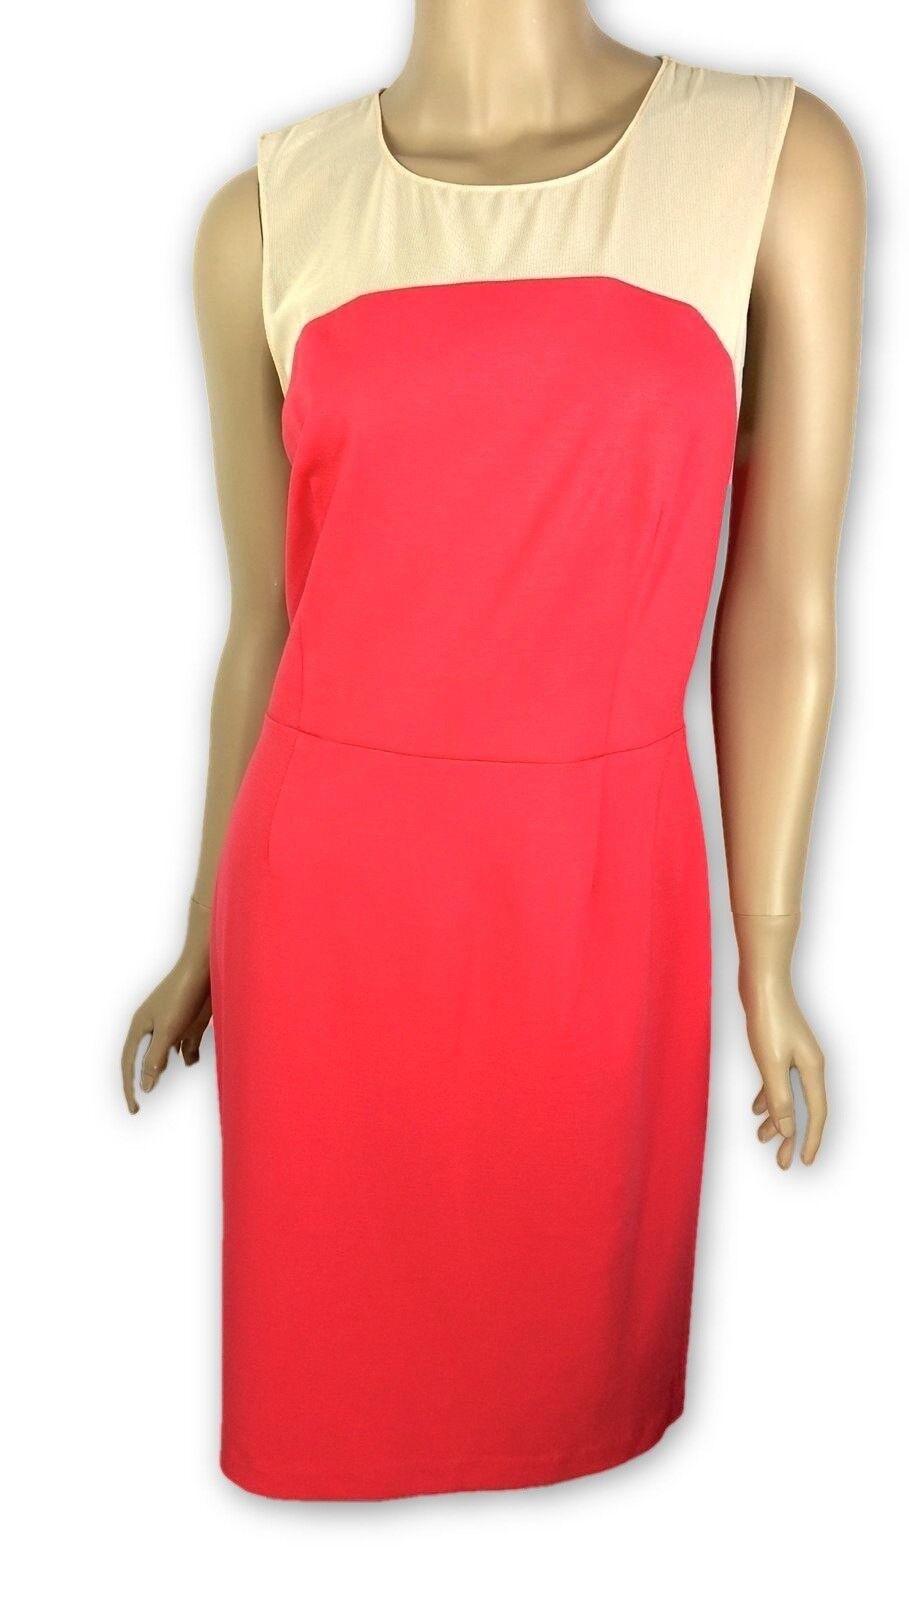 Erin Fetherston New Size 10 Angele Sheath Dress Coral Pink Beige Sheer Yoke  255